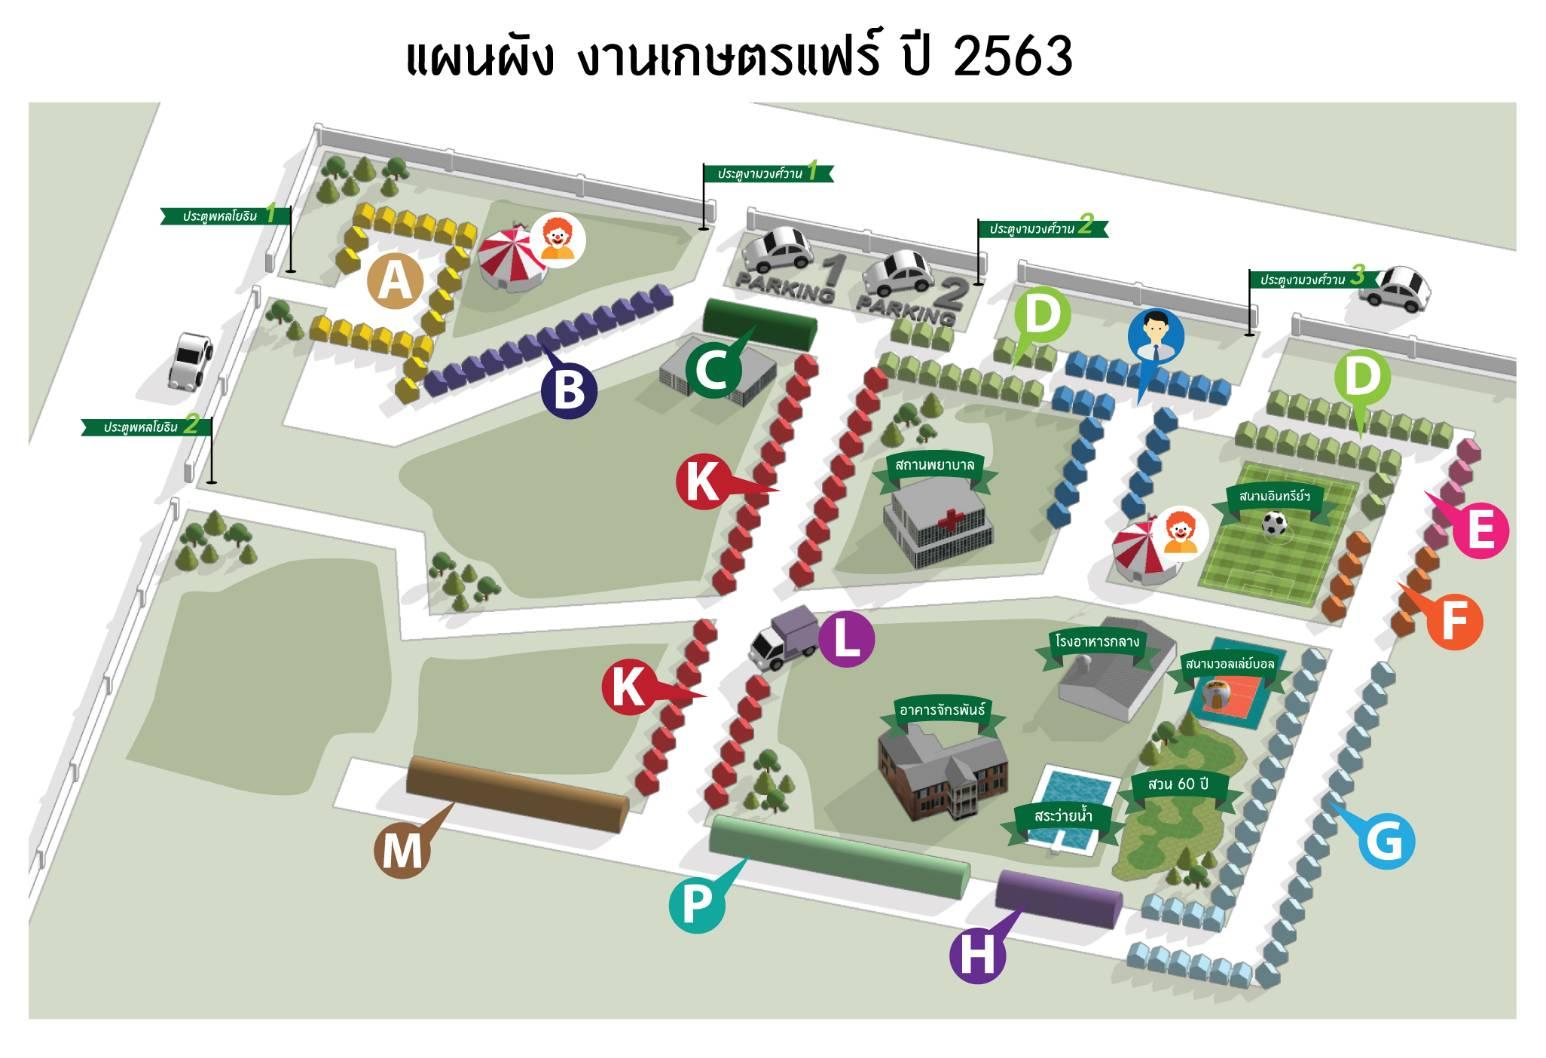 แผนผังงานเกษตรแฟร์ 2563